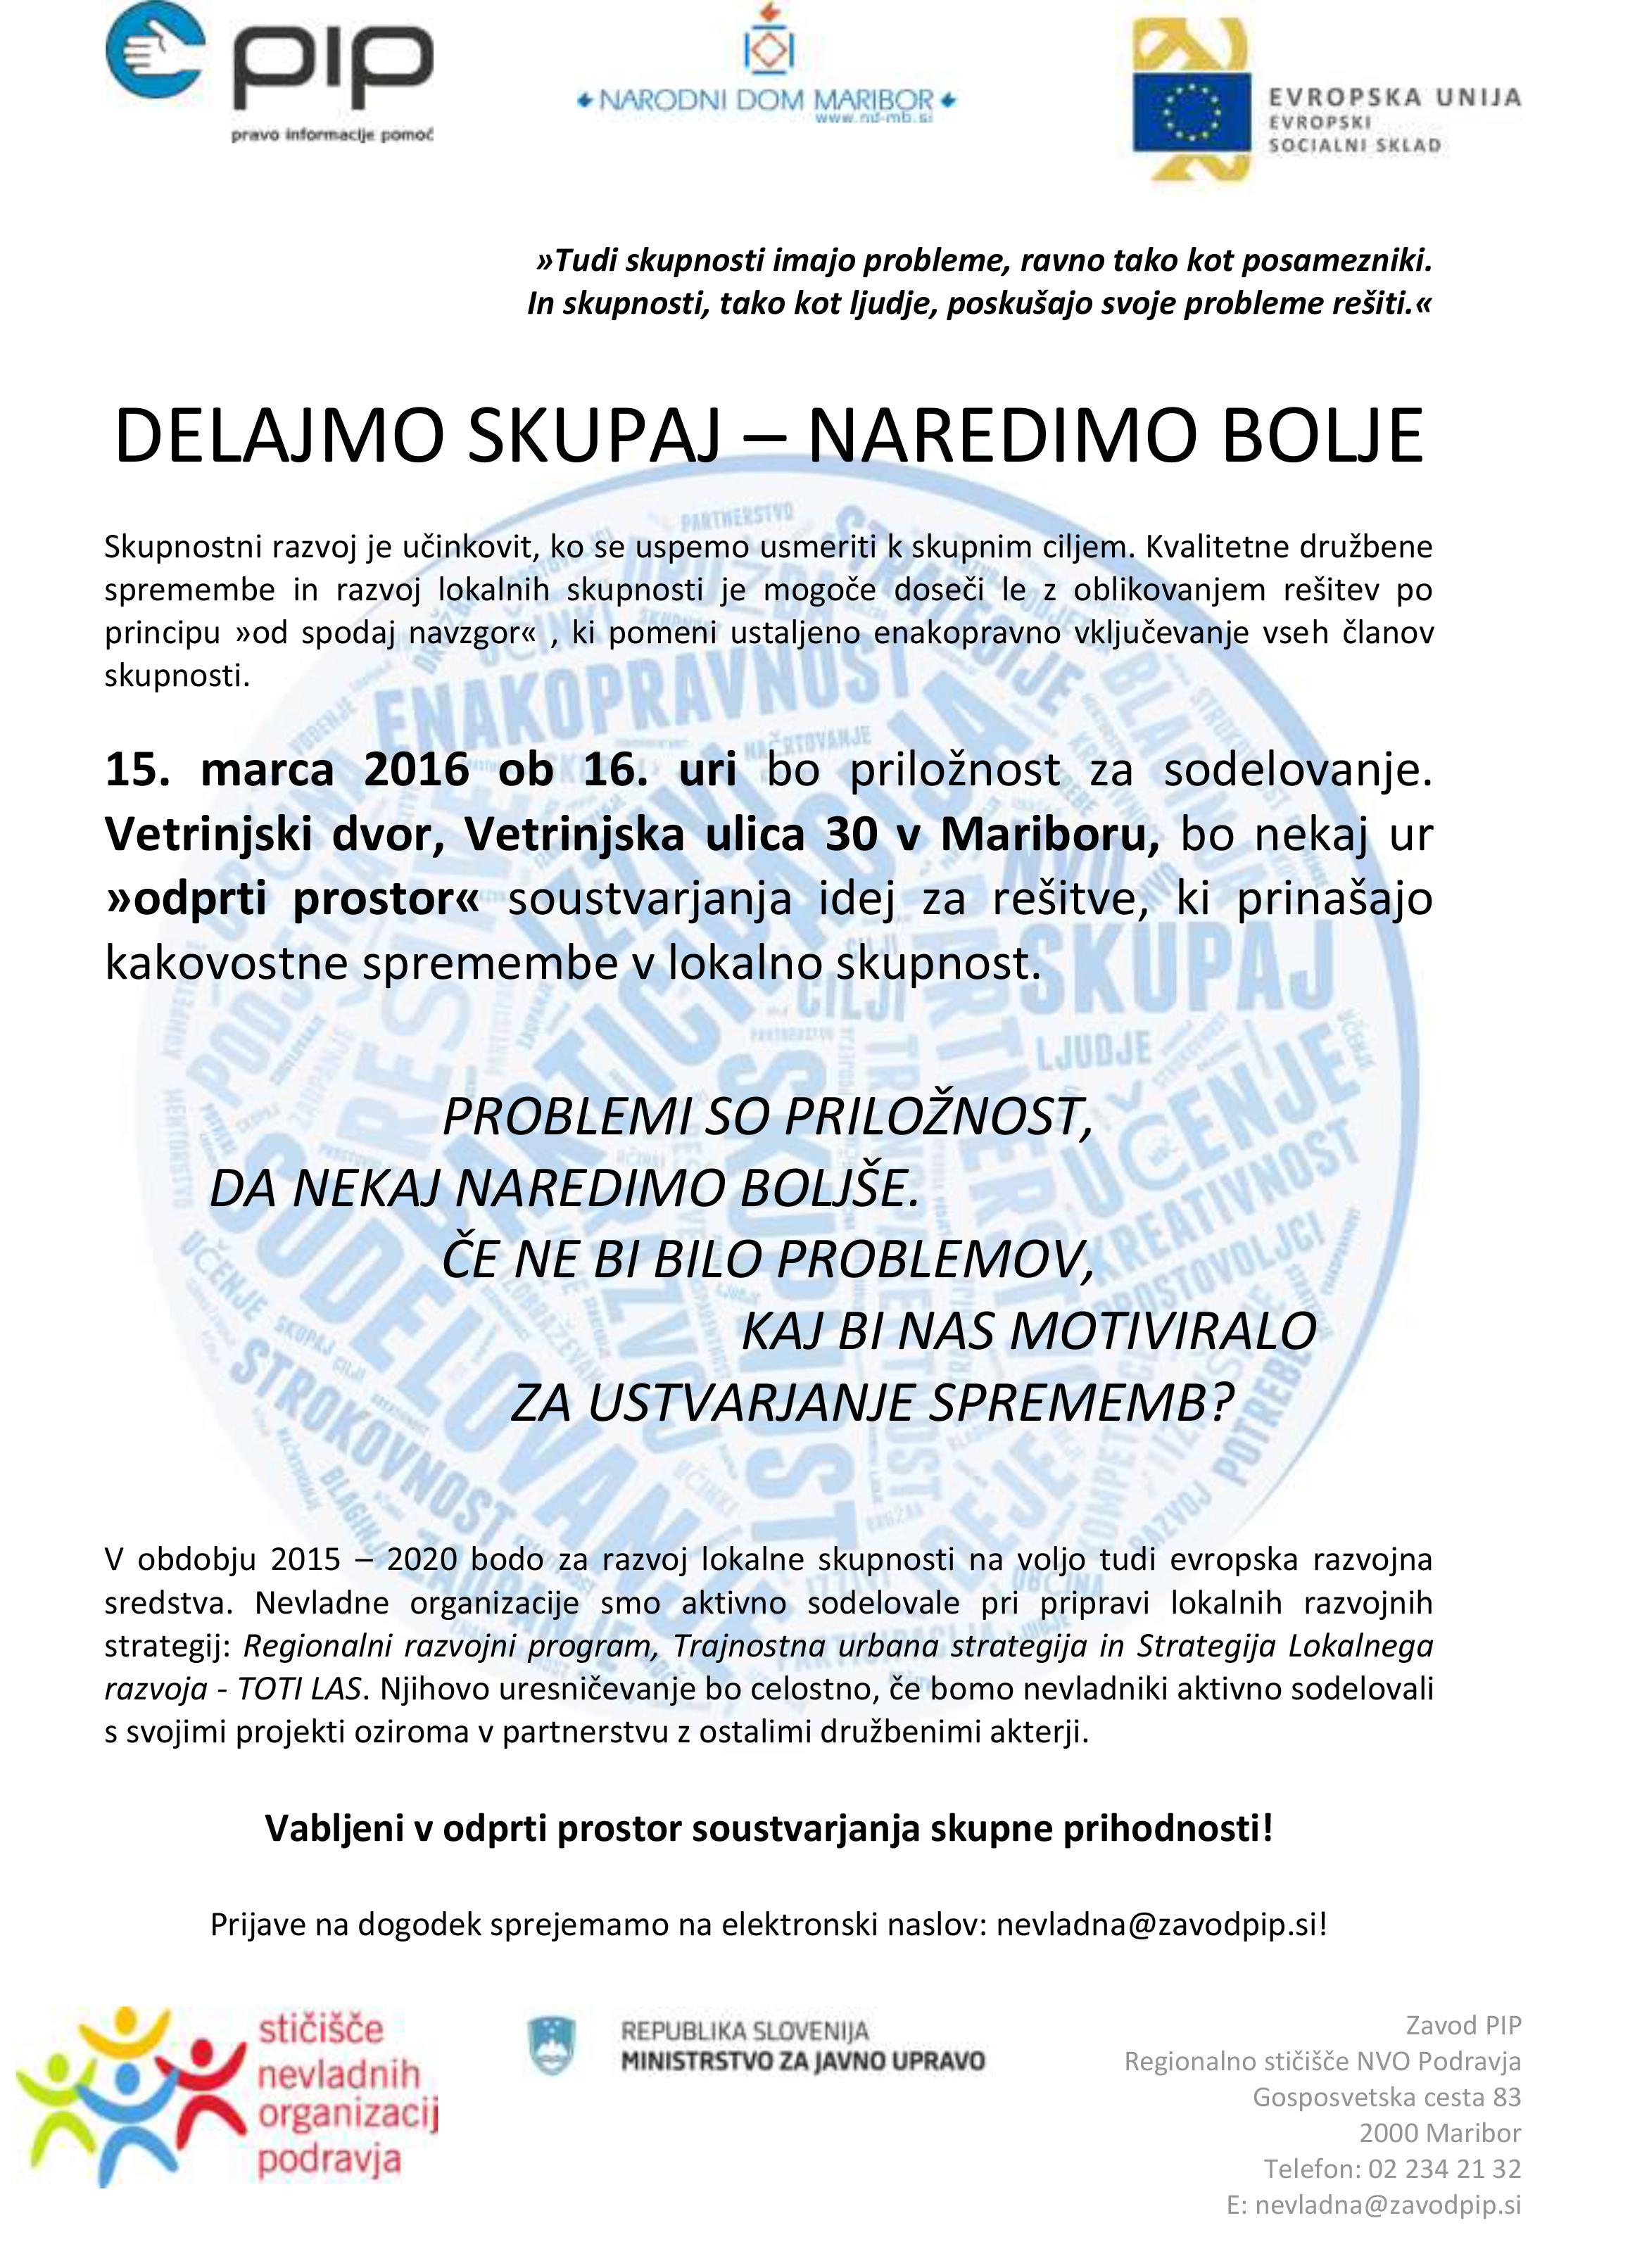 vabilo_sodelovanje_maribor_nd